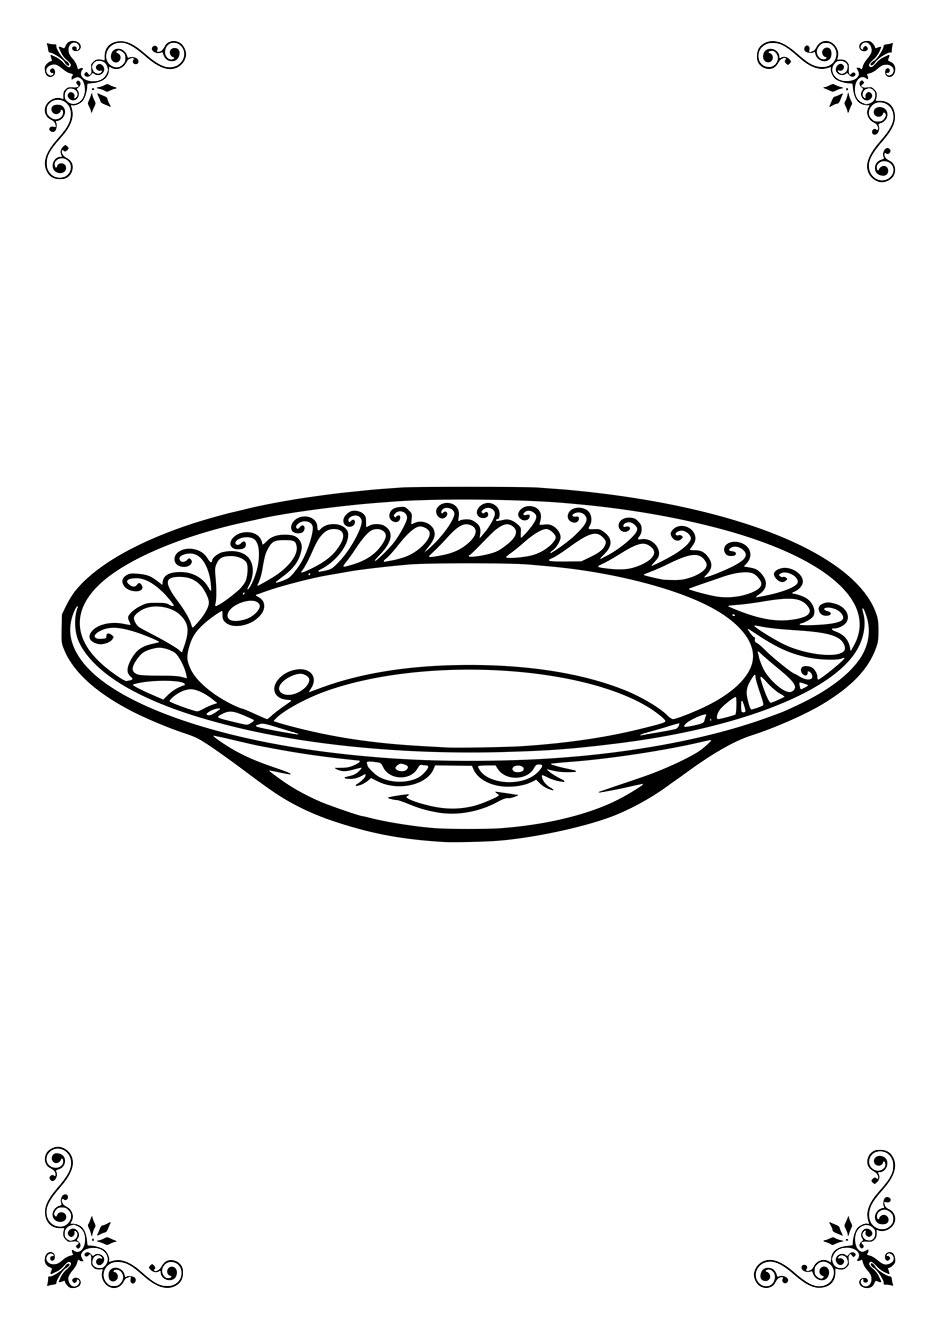 Раскраска: тарелка с глазками и ротиком — raskraski-a4.ru